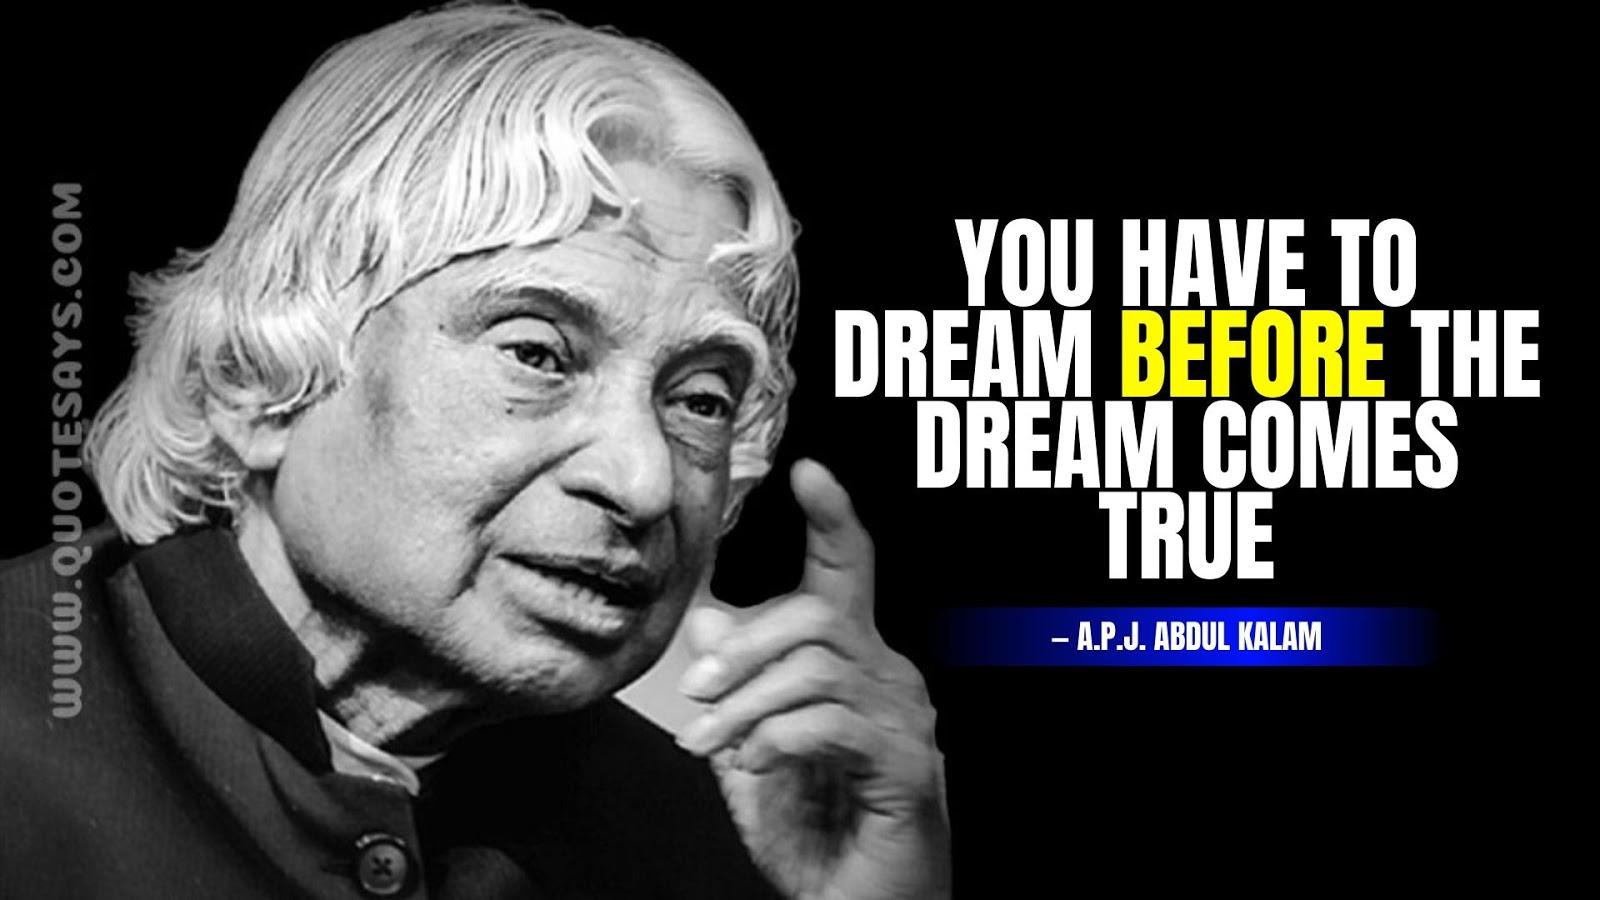 Abdul Kalam Quotes, Apj Abdul Kalam Quote About Dreams